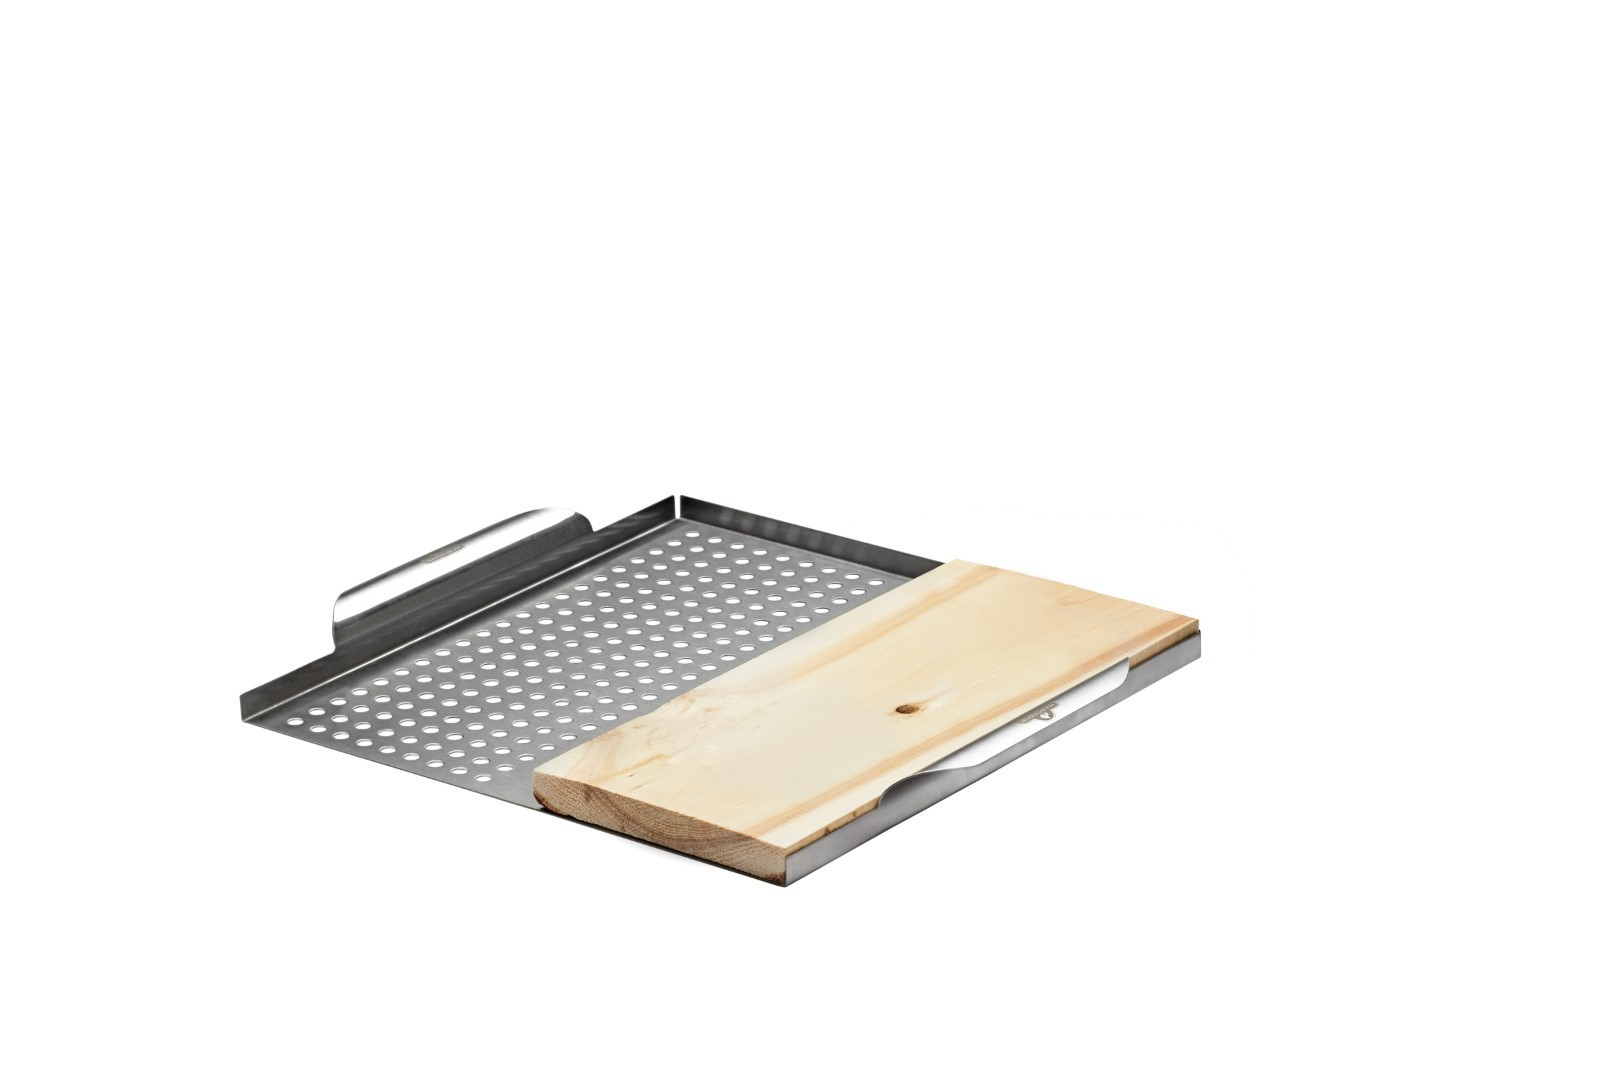 RVS groentekorf incl. cederhouten plank